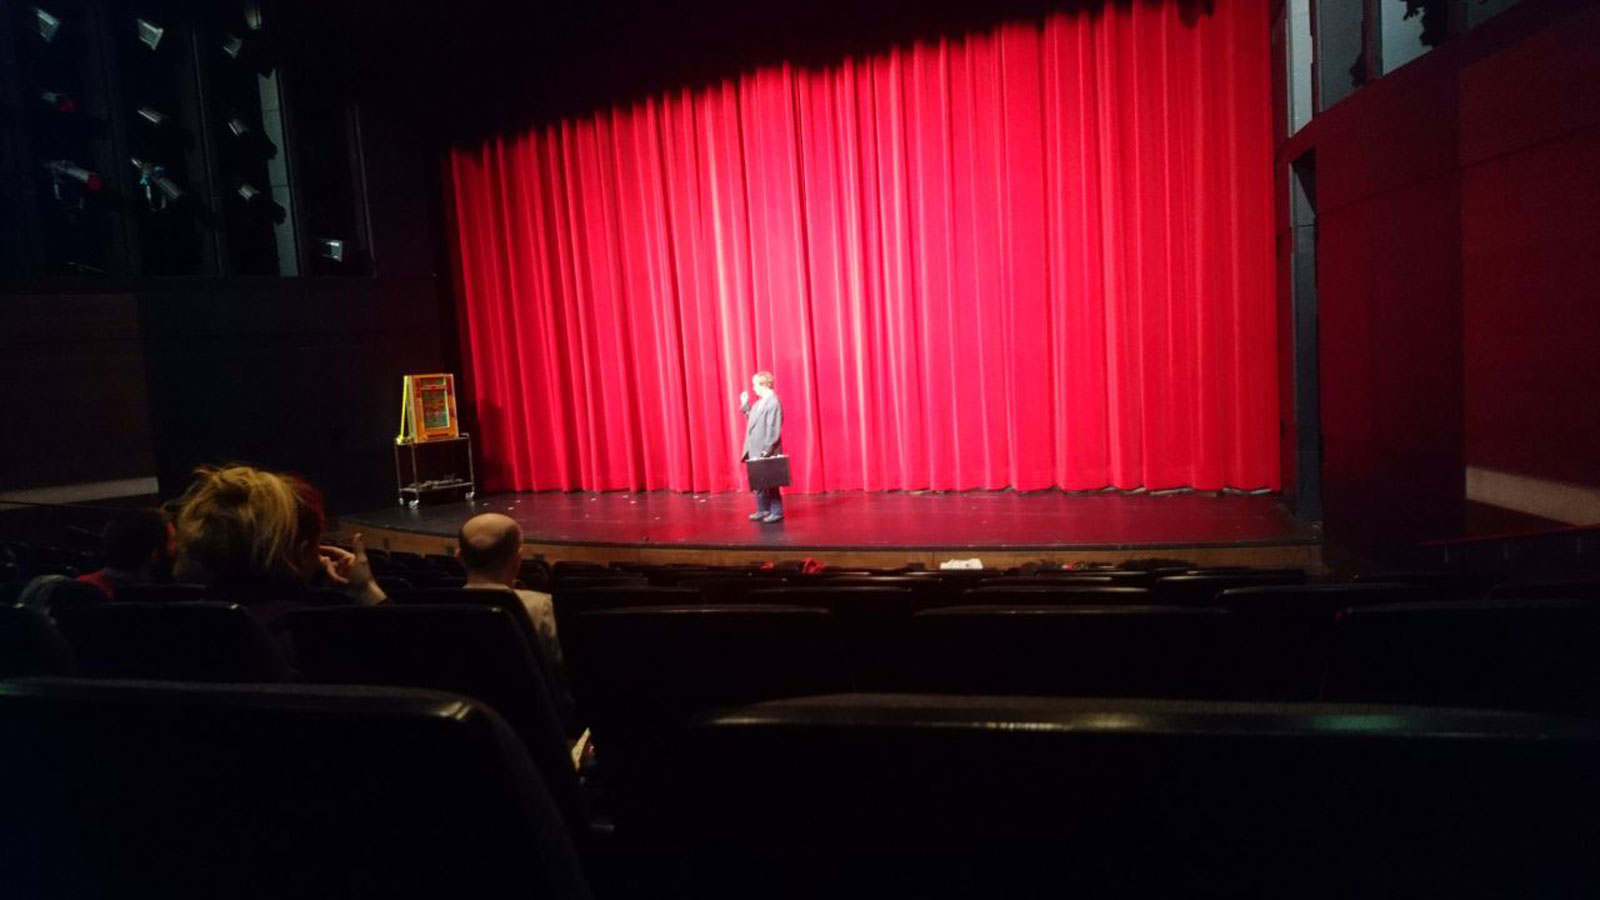 Schausspielerin von Theater mimulus auf großer Bühne